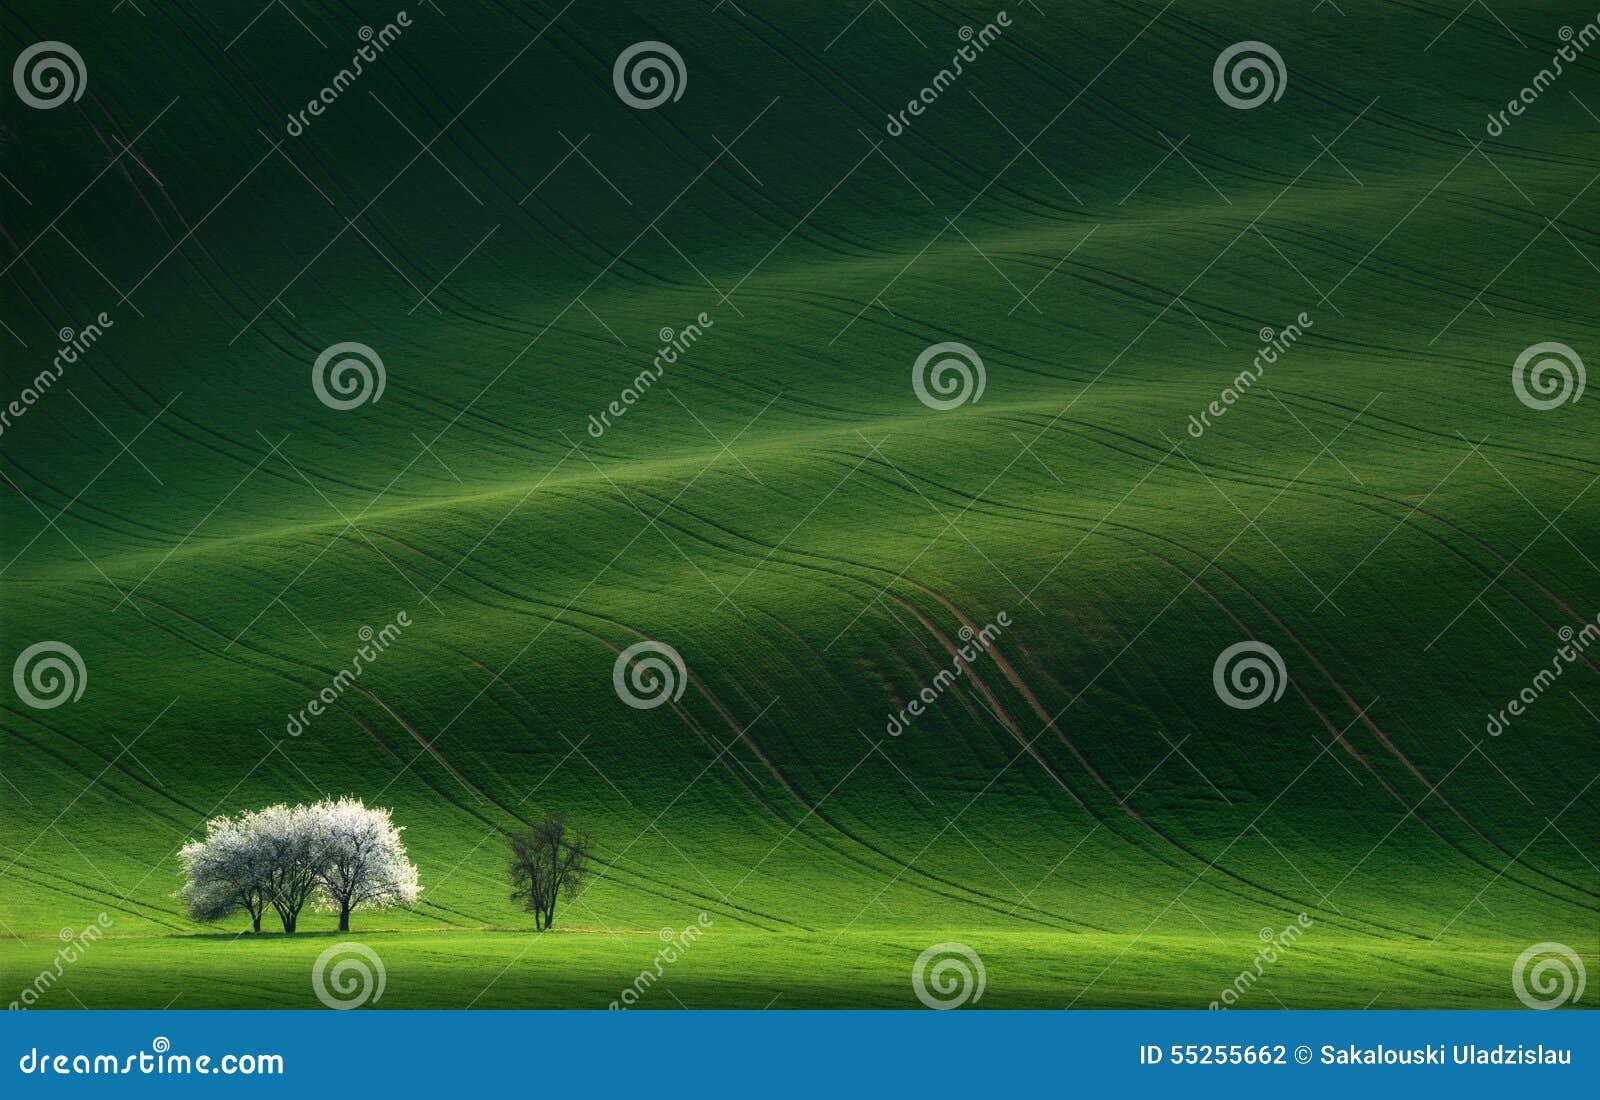 Κυρίες στο λευκό Άσπρα ανθίζοντας δέντρα άνοιξη σε ένα υπόβαθρο ενός πράσινου λόφου, ο οποίος τονίζεται από τον ήλιο ρύθμισης